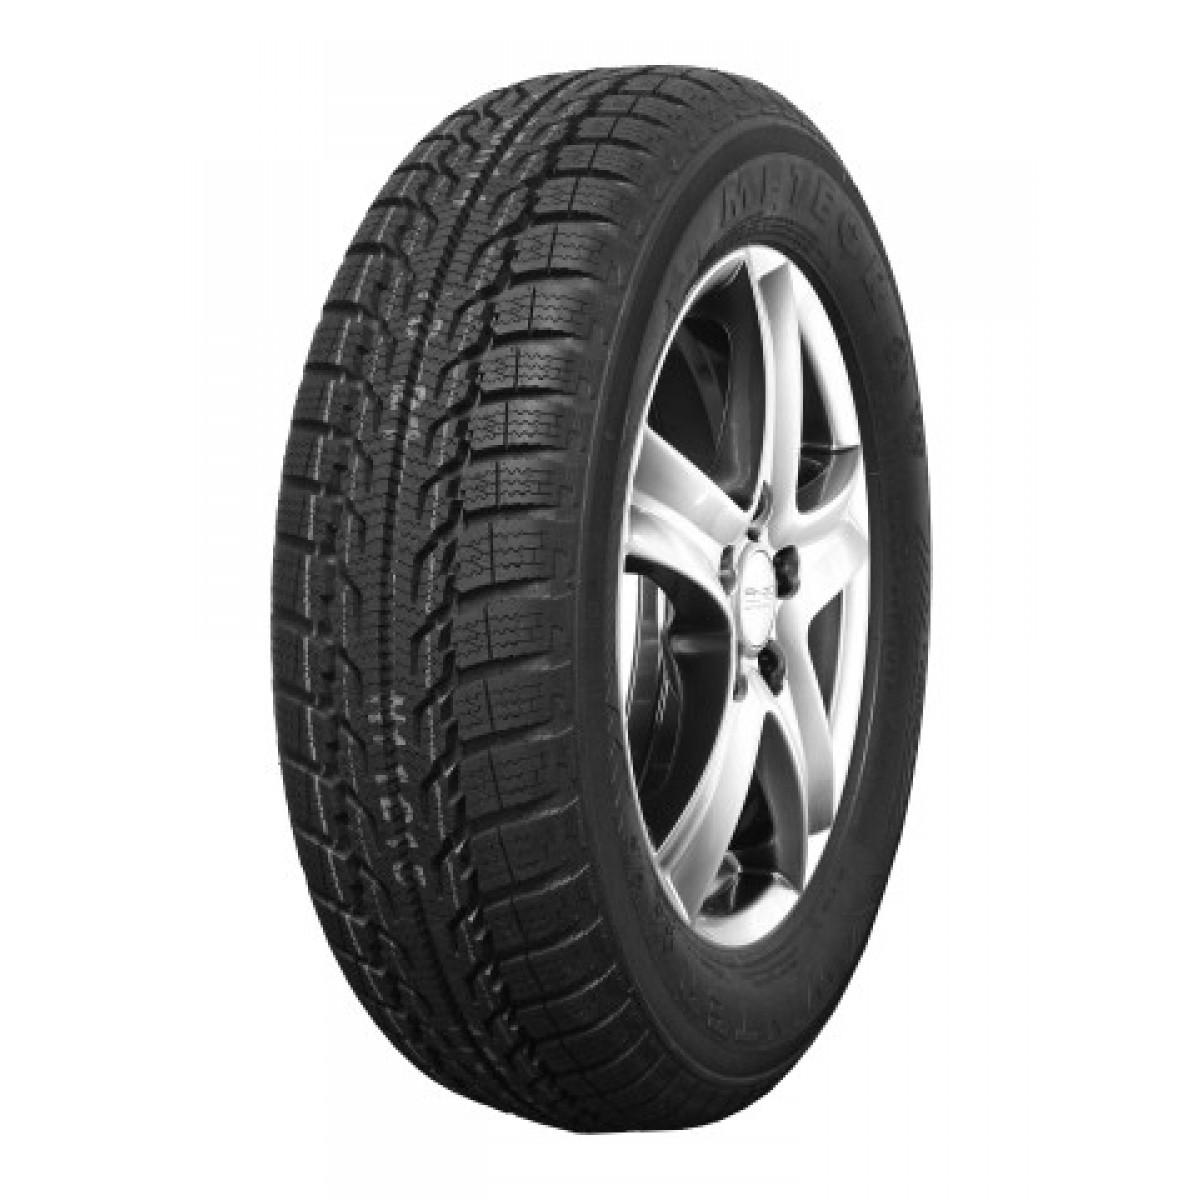 225/50R18 99H, Dunlop, Winter Sport 3D